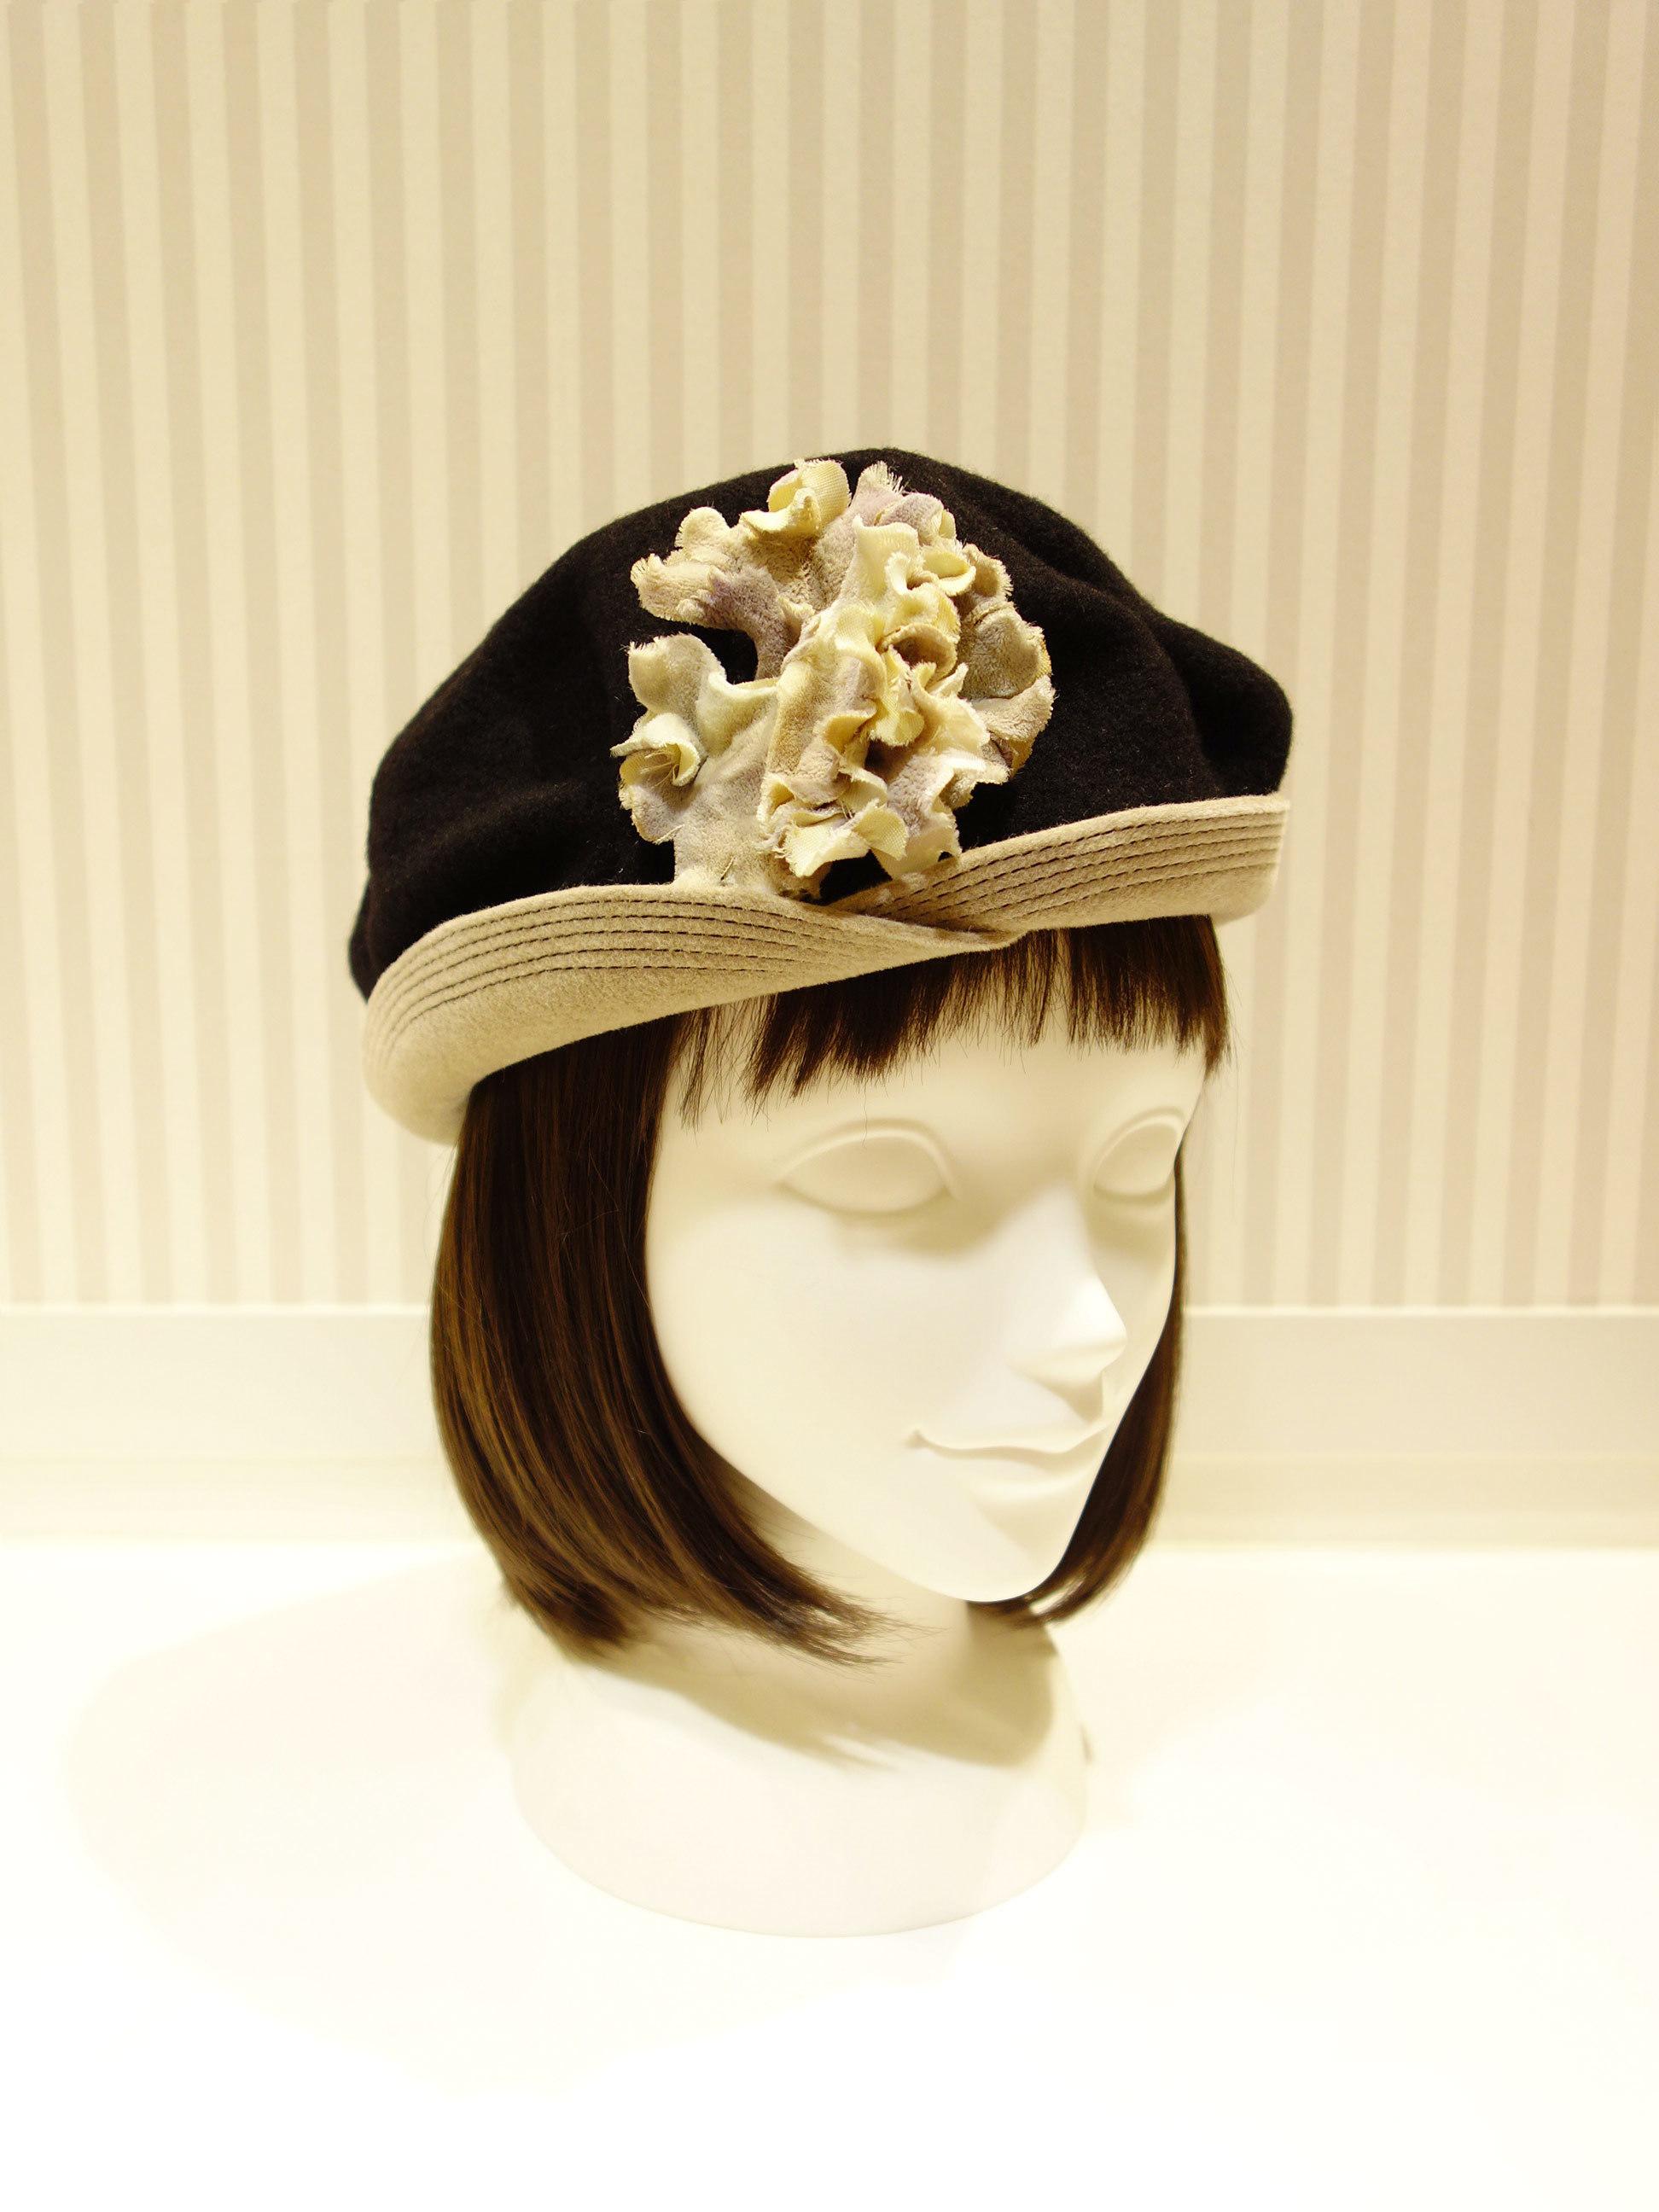 Mode Svetlana*新作帽子入荷*_e0167832_21015807.jpg